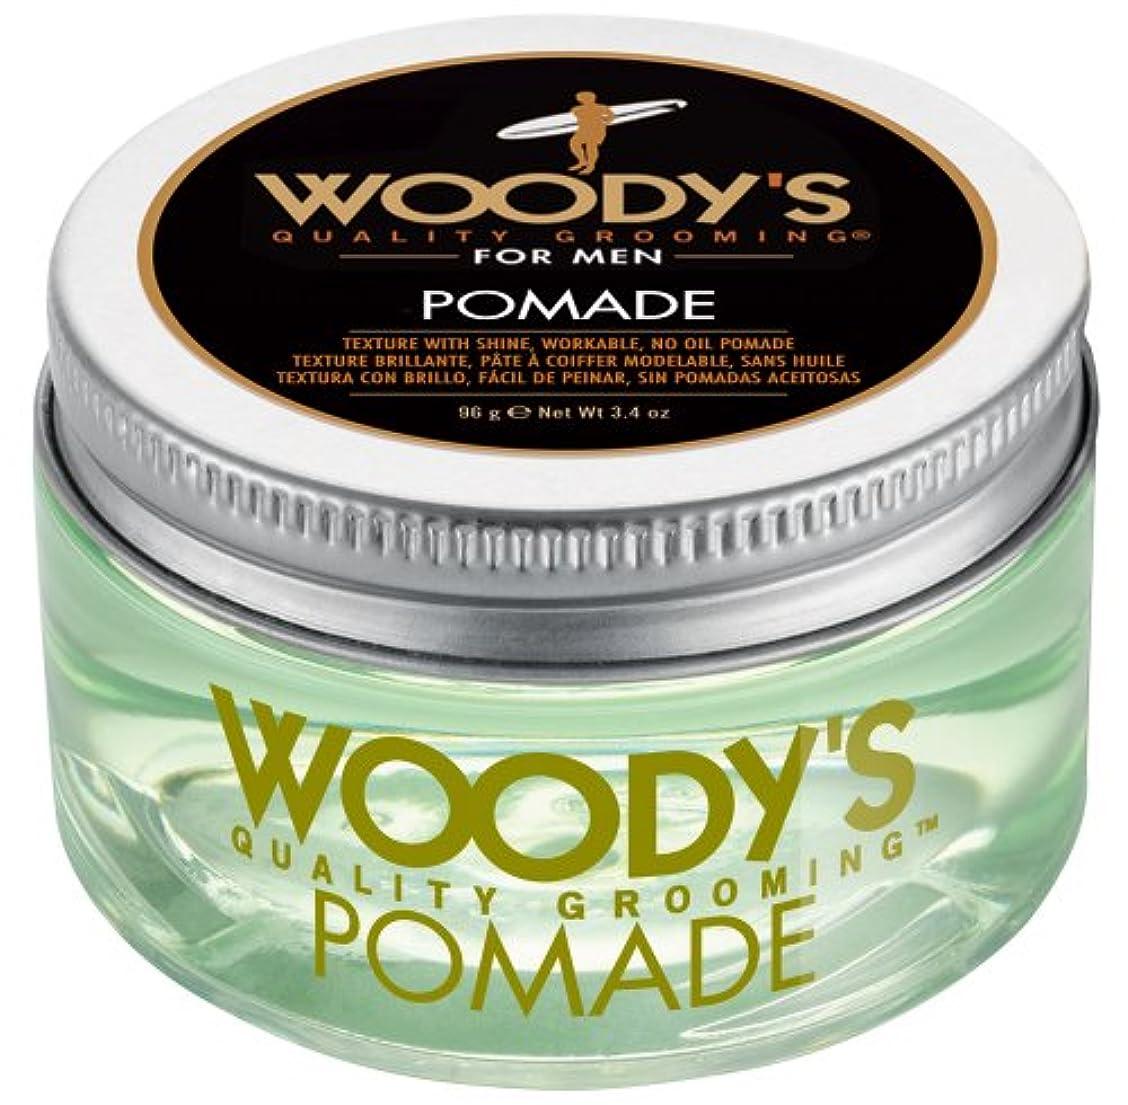 監督する力学ライフルWoody's Pomade for Men, Pomade, 3.4 Ounce